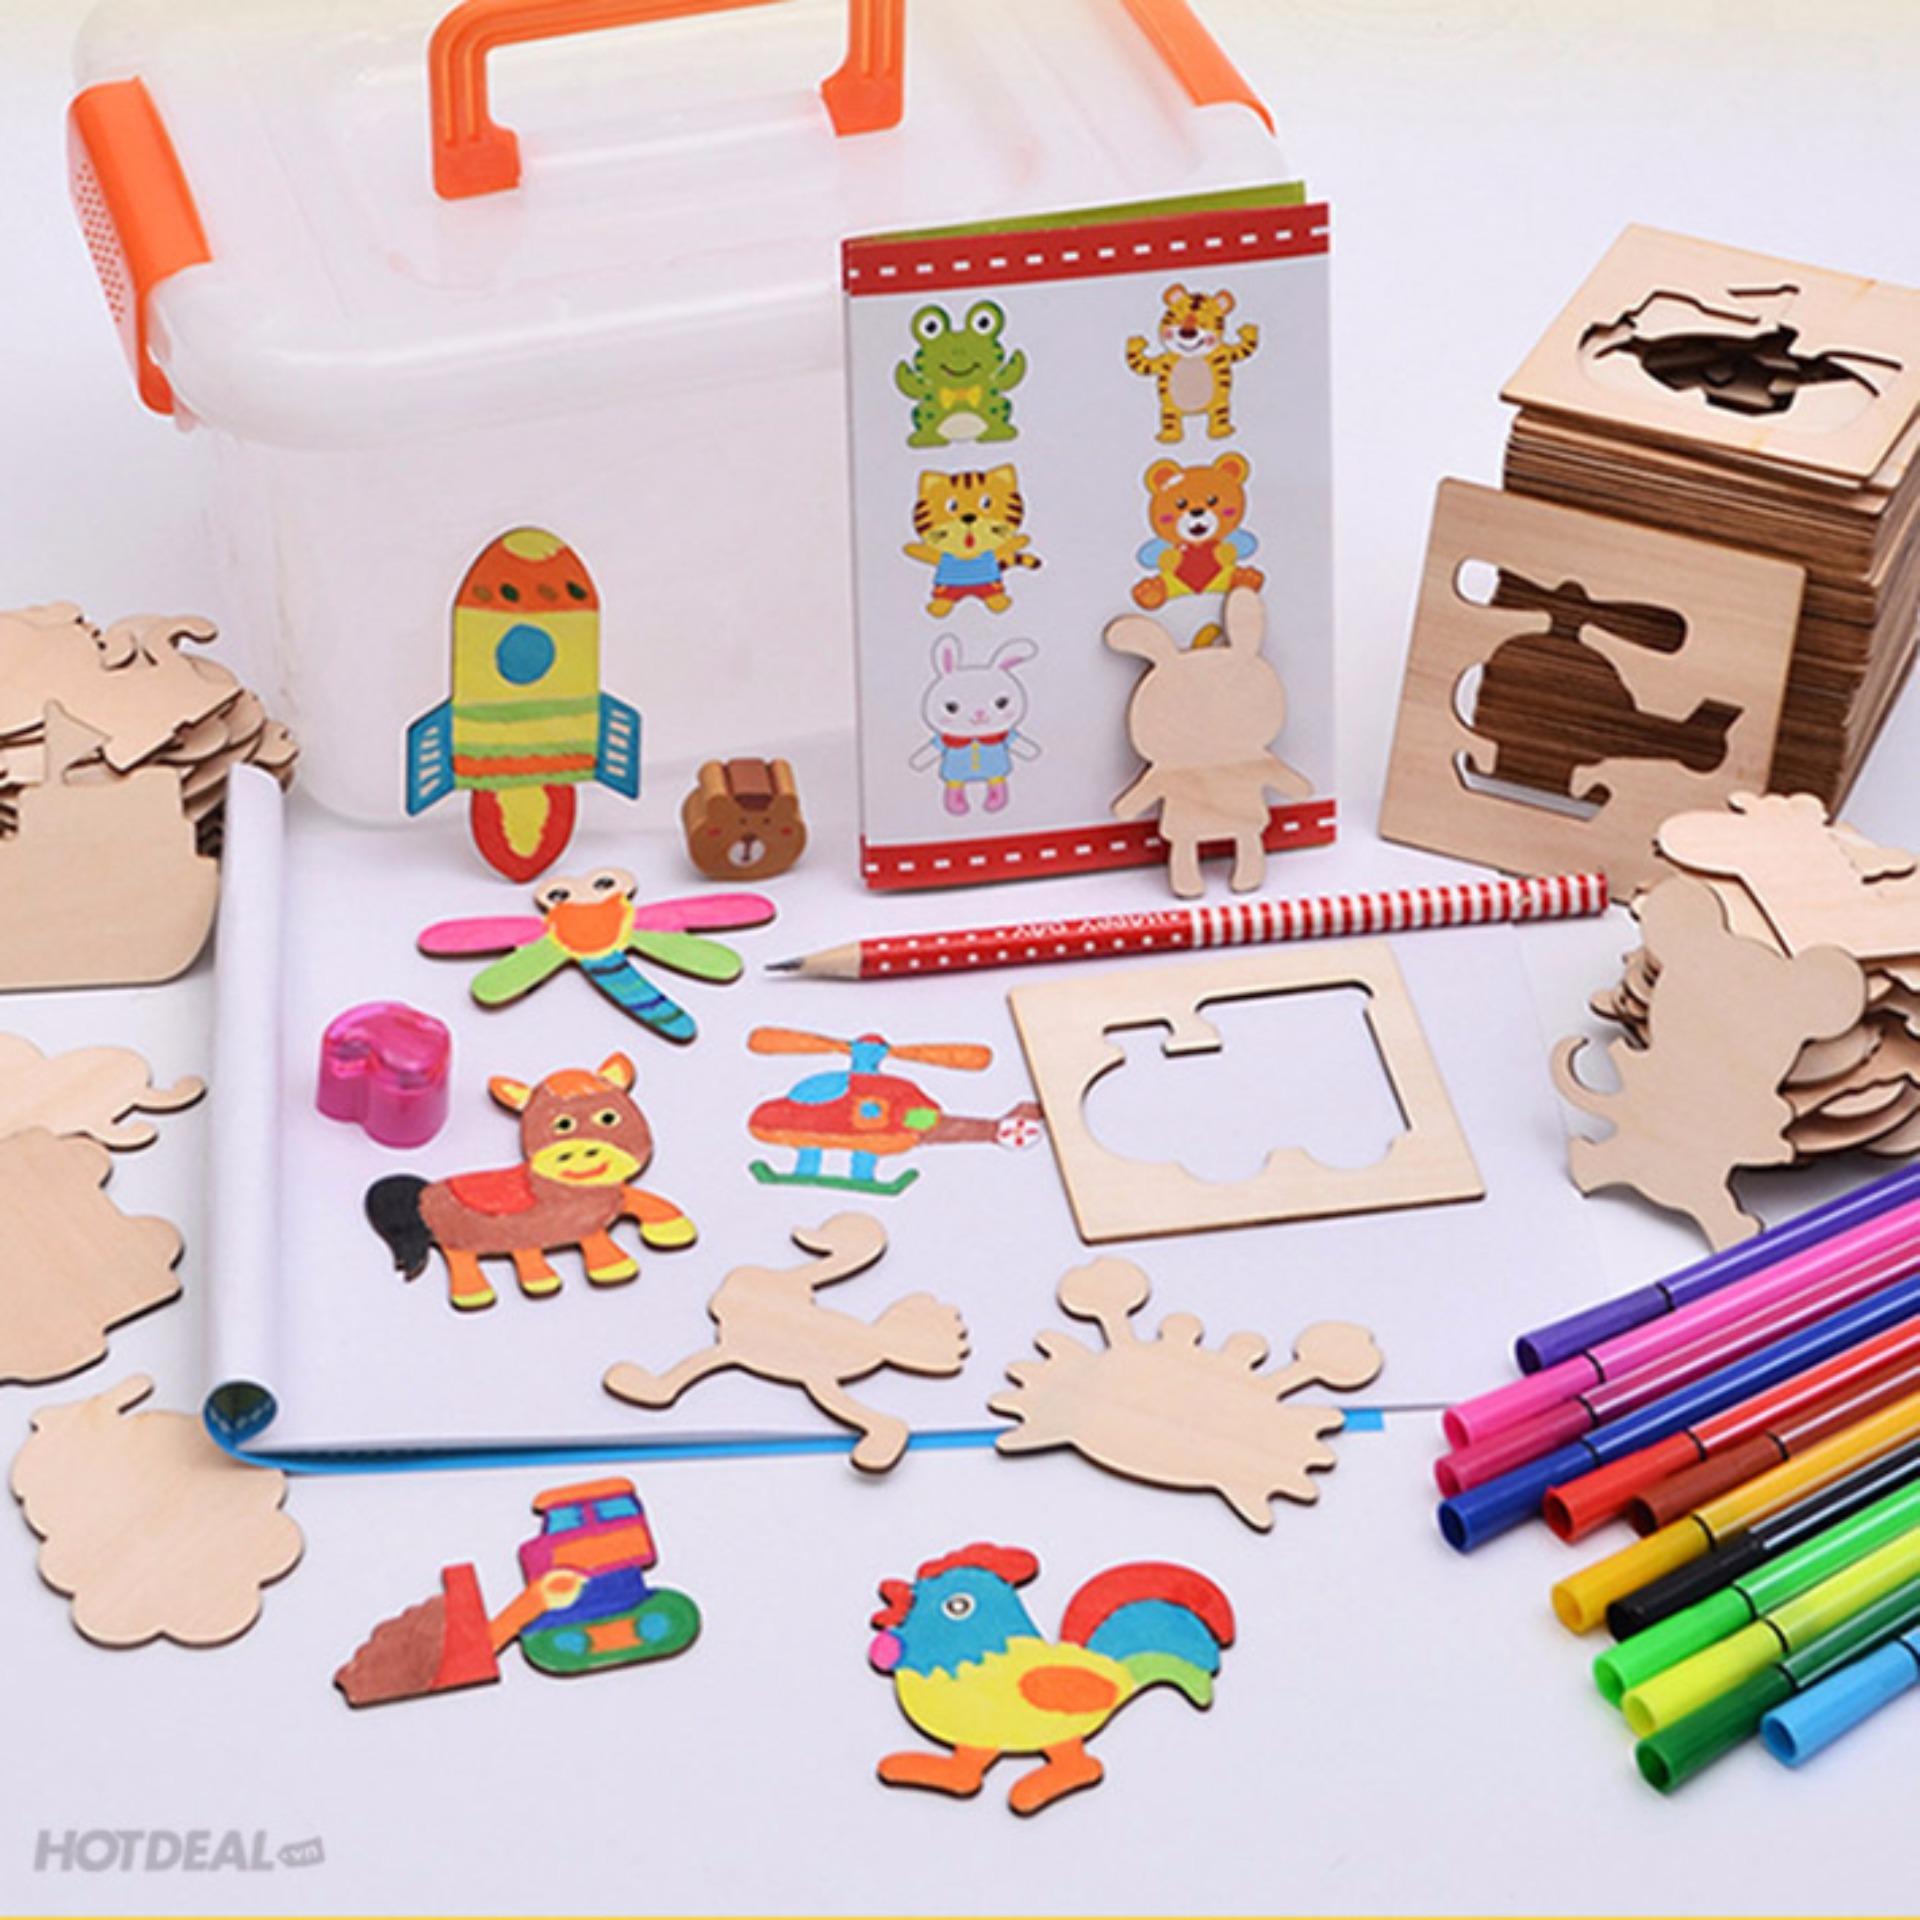 Bộ đồ chơi học vẽ hình 50 thẻ gỗ + 12 bút màu + Bút chì tẩy + Tặng Vở vẽ cho bé